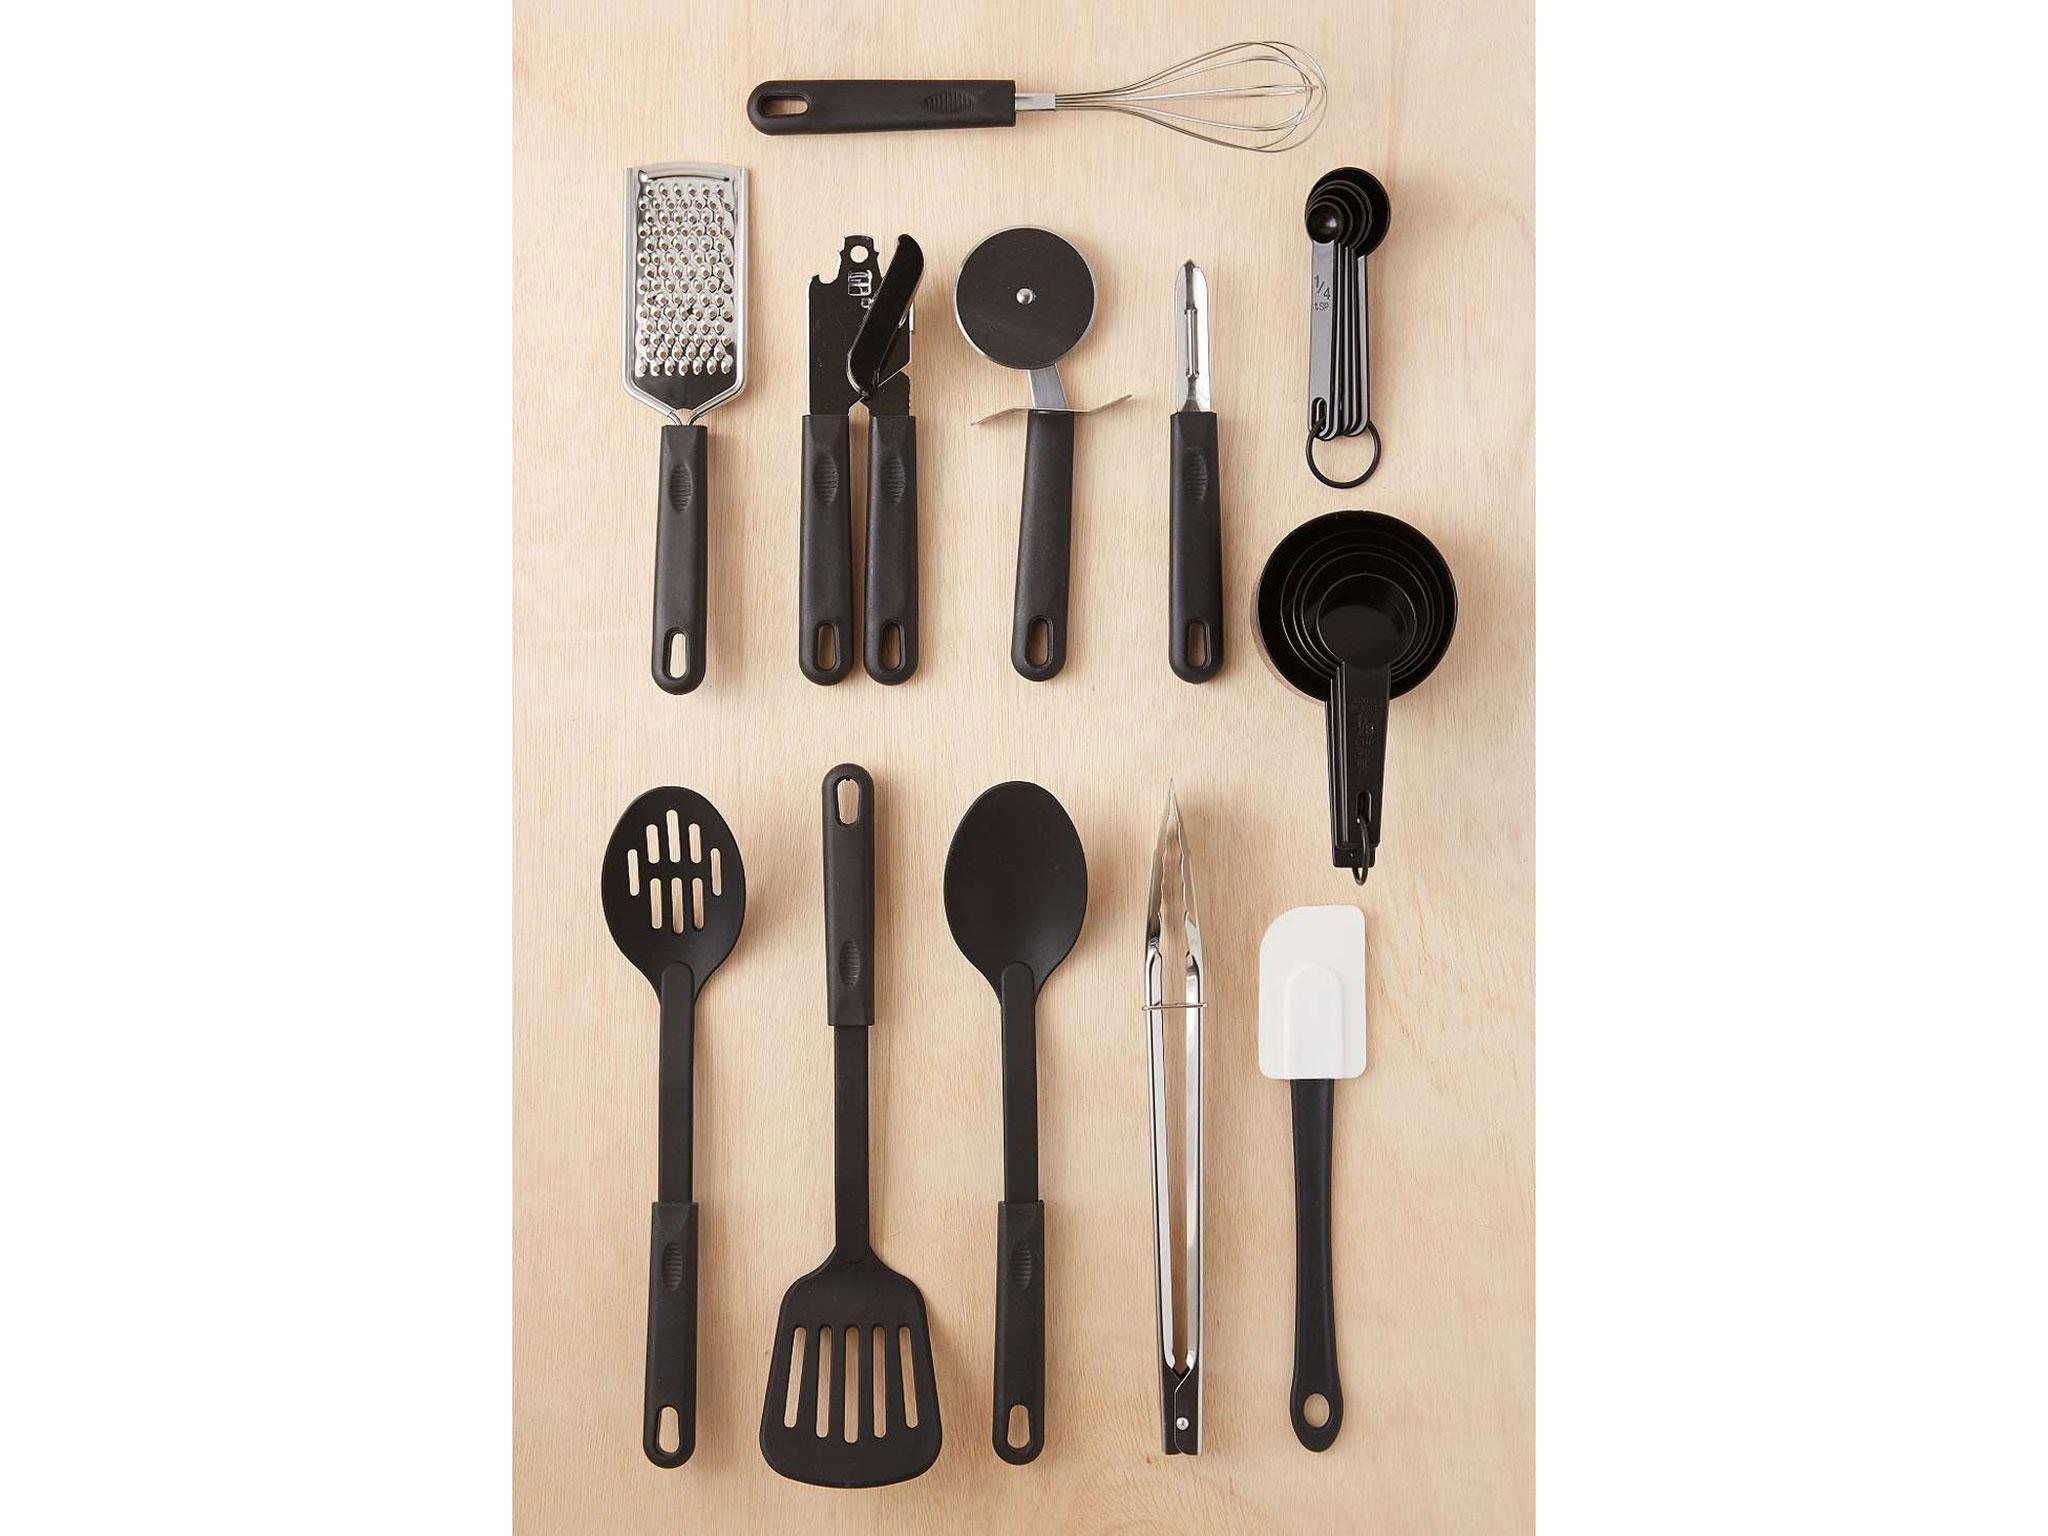 15 best student kitchen essentials | The Independent